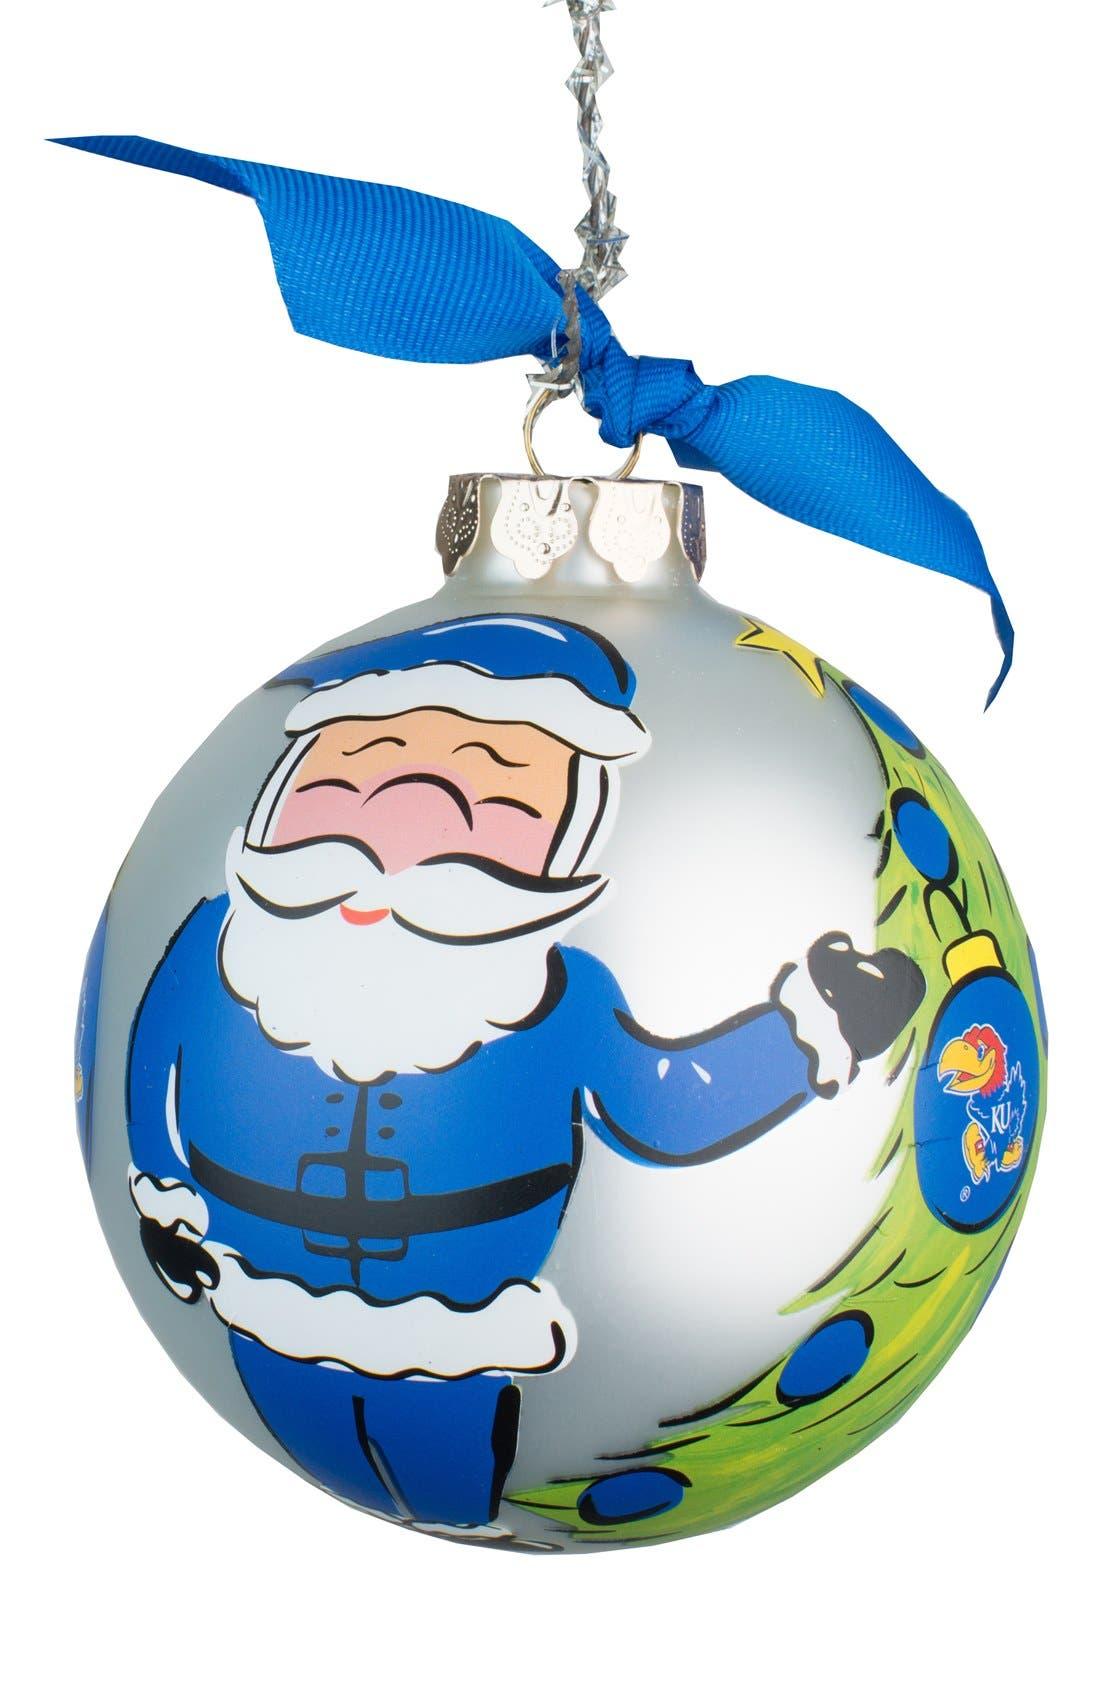 Alternate Image 1 Selected - Glory Haus Collegiate Santa Ornament